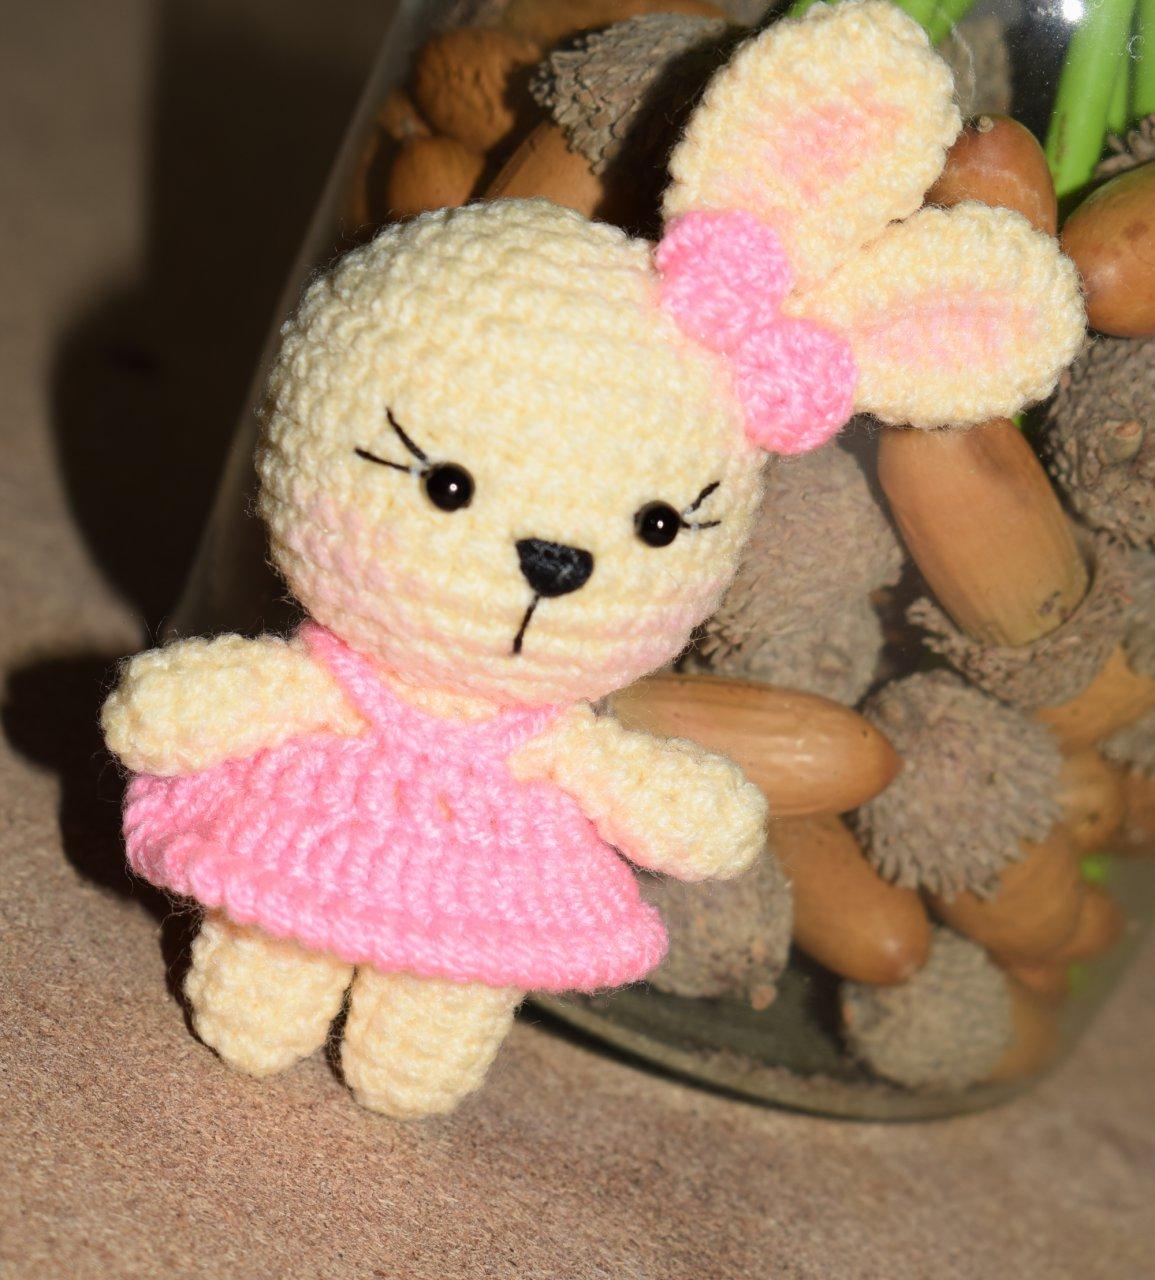 عروسک دست بافت خرگوش فسقلی صورتی